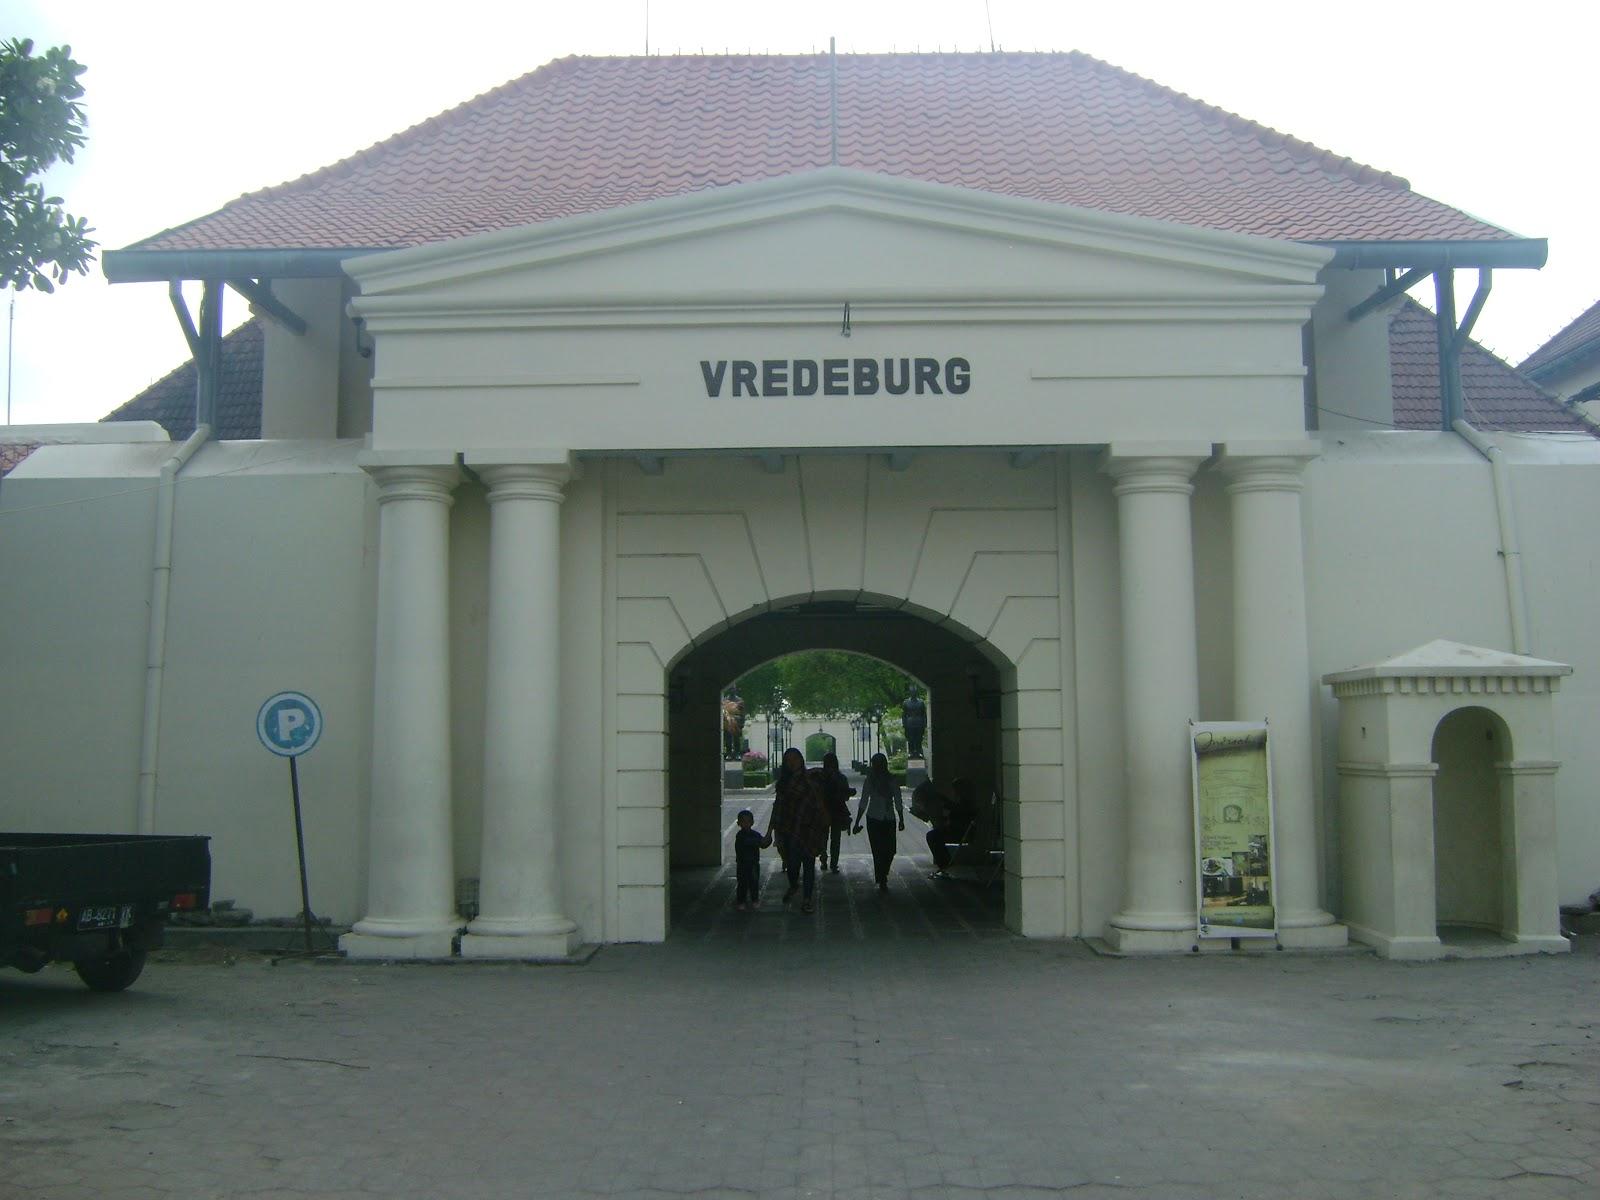 Benteng Vredeburg Kekunaan Pertama Dibangun Keadaannya Sederhana Temboknya Tanah Diperkuat